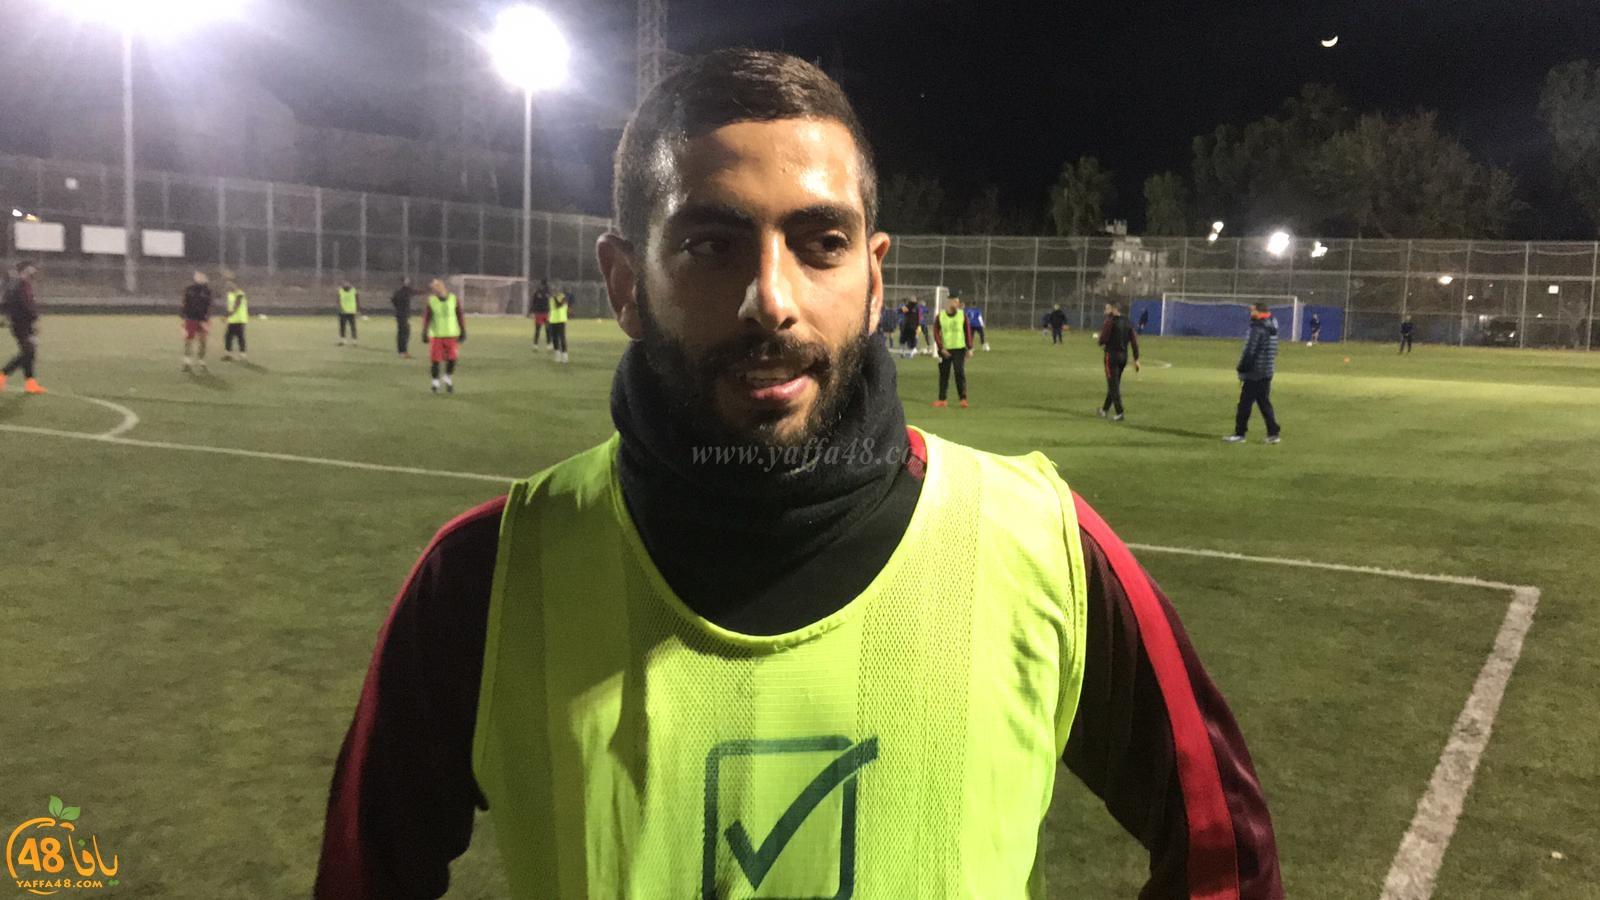 فيديو: أبناء يافا يستعد لمباراة خارجية حاسمة غداً الجمعة ضد كريات أونو